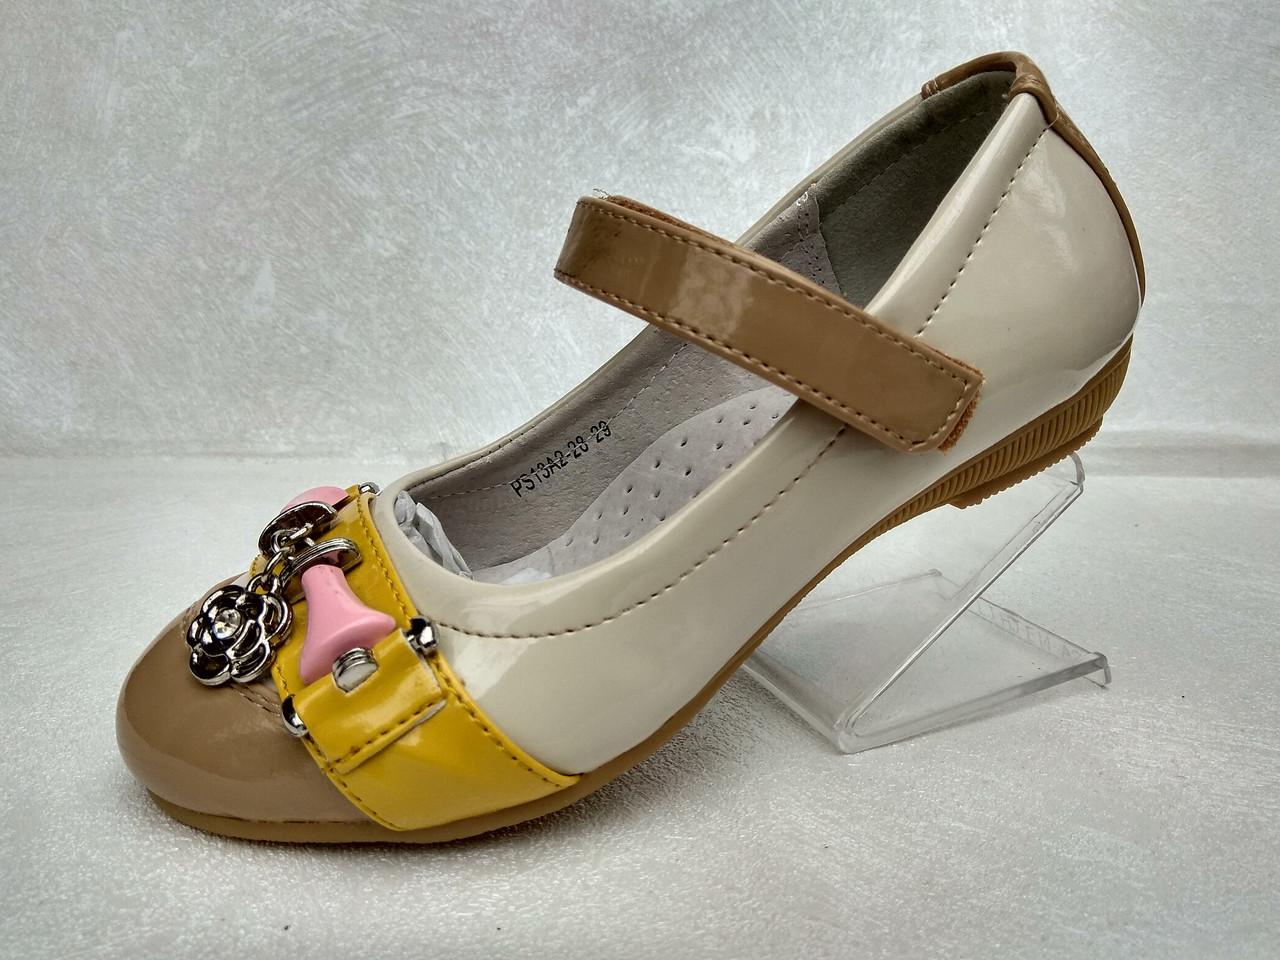 d2913156 Туфли для девочки Princess Sindy A2-28 (22-25), цена 70 грн., купить ...